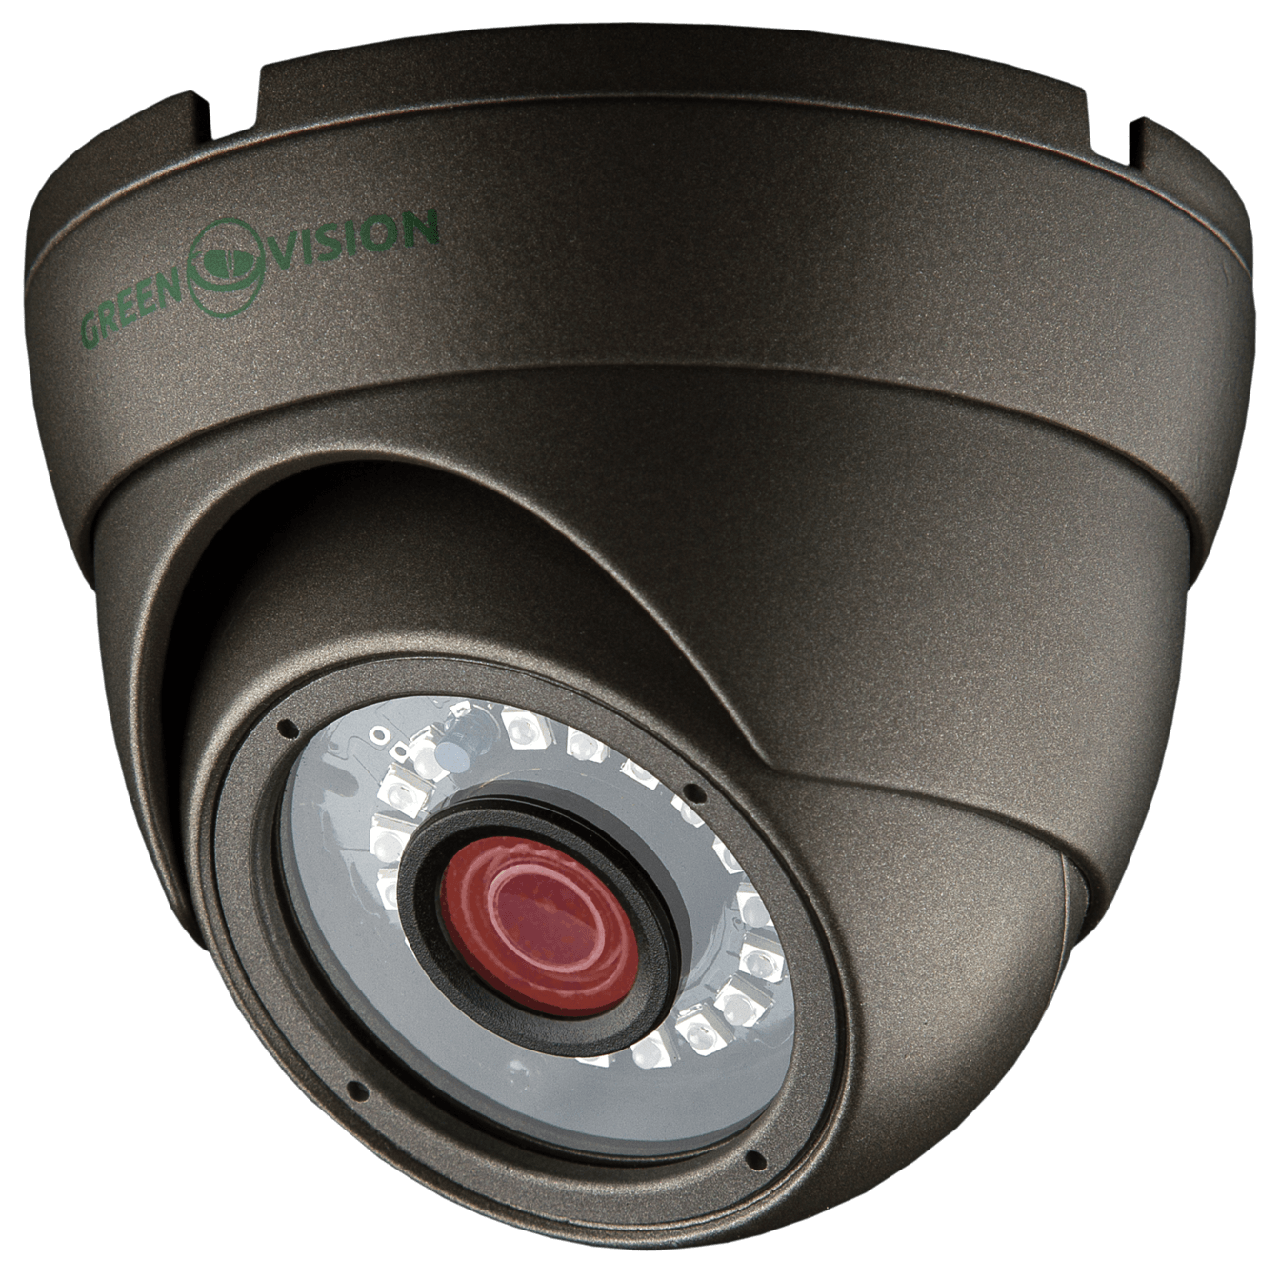 Камера антивандальная внутренняя/наружная AHD Green Vision GV-016-AHD-E-DOS13-20 gray 960P